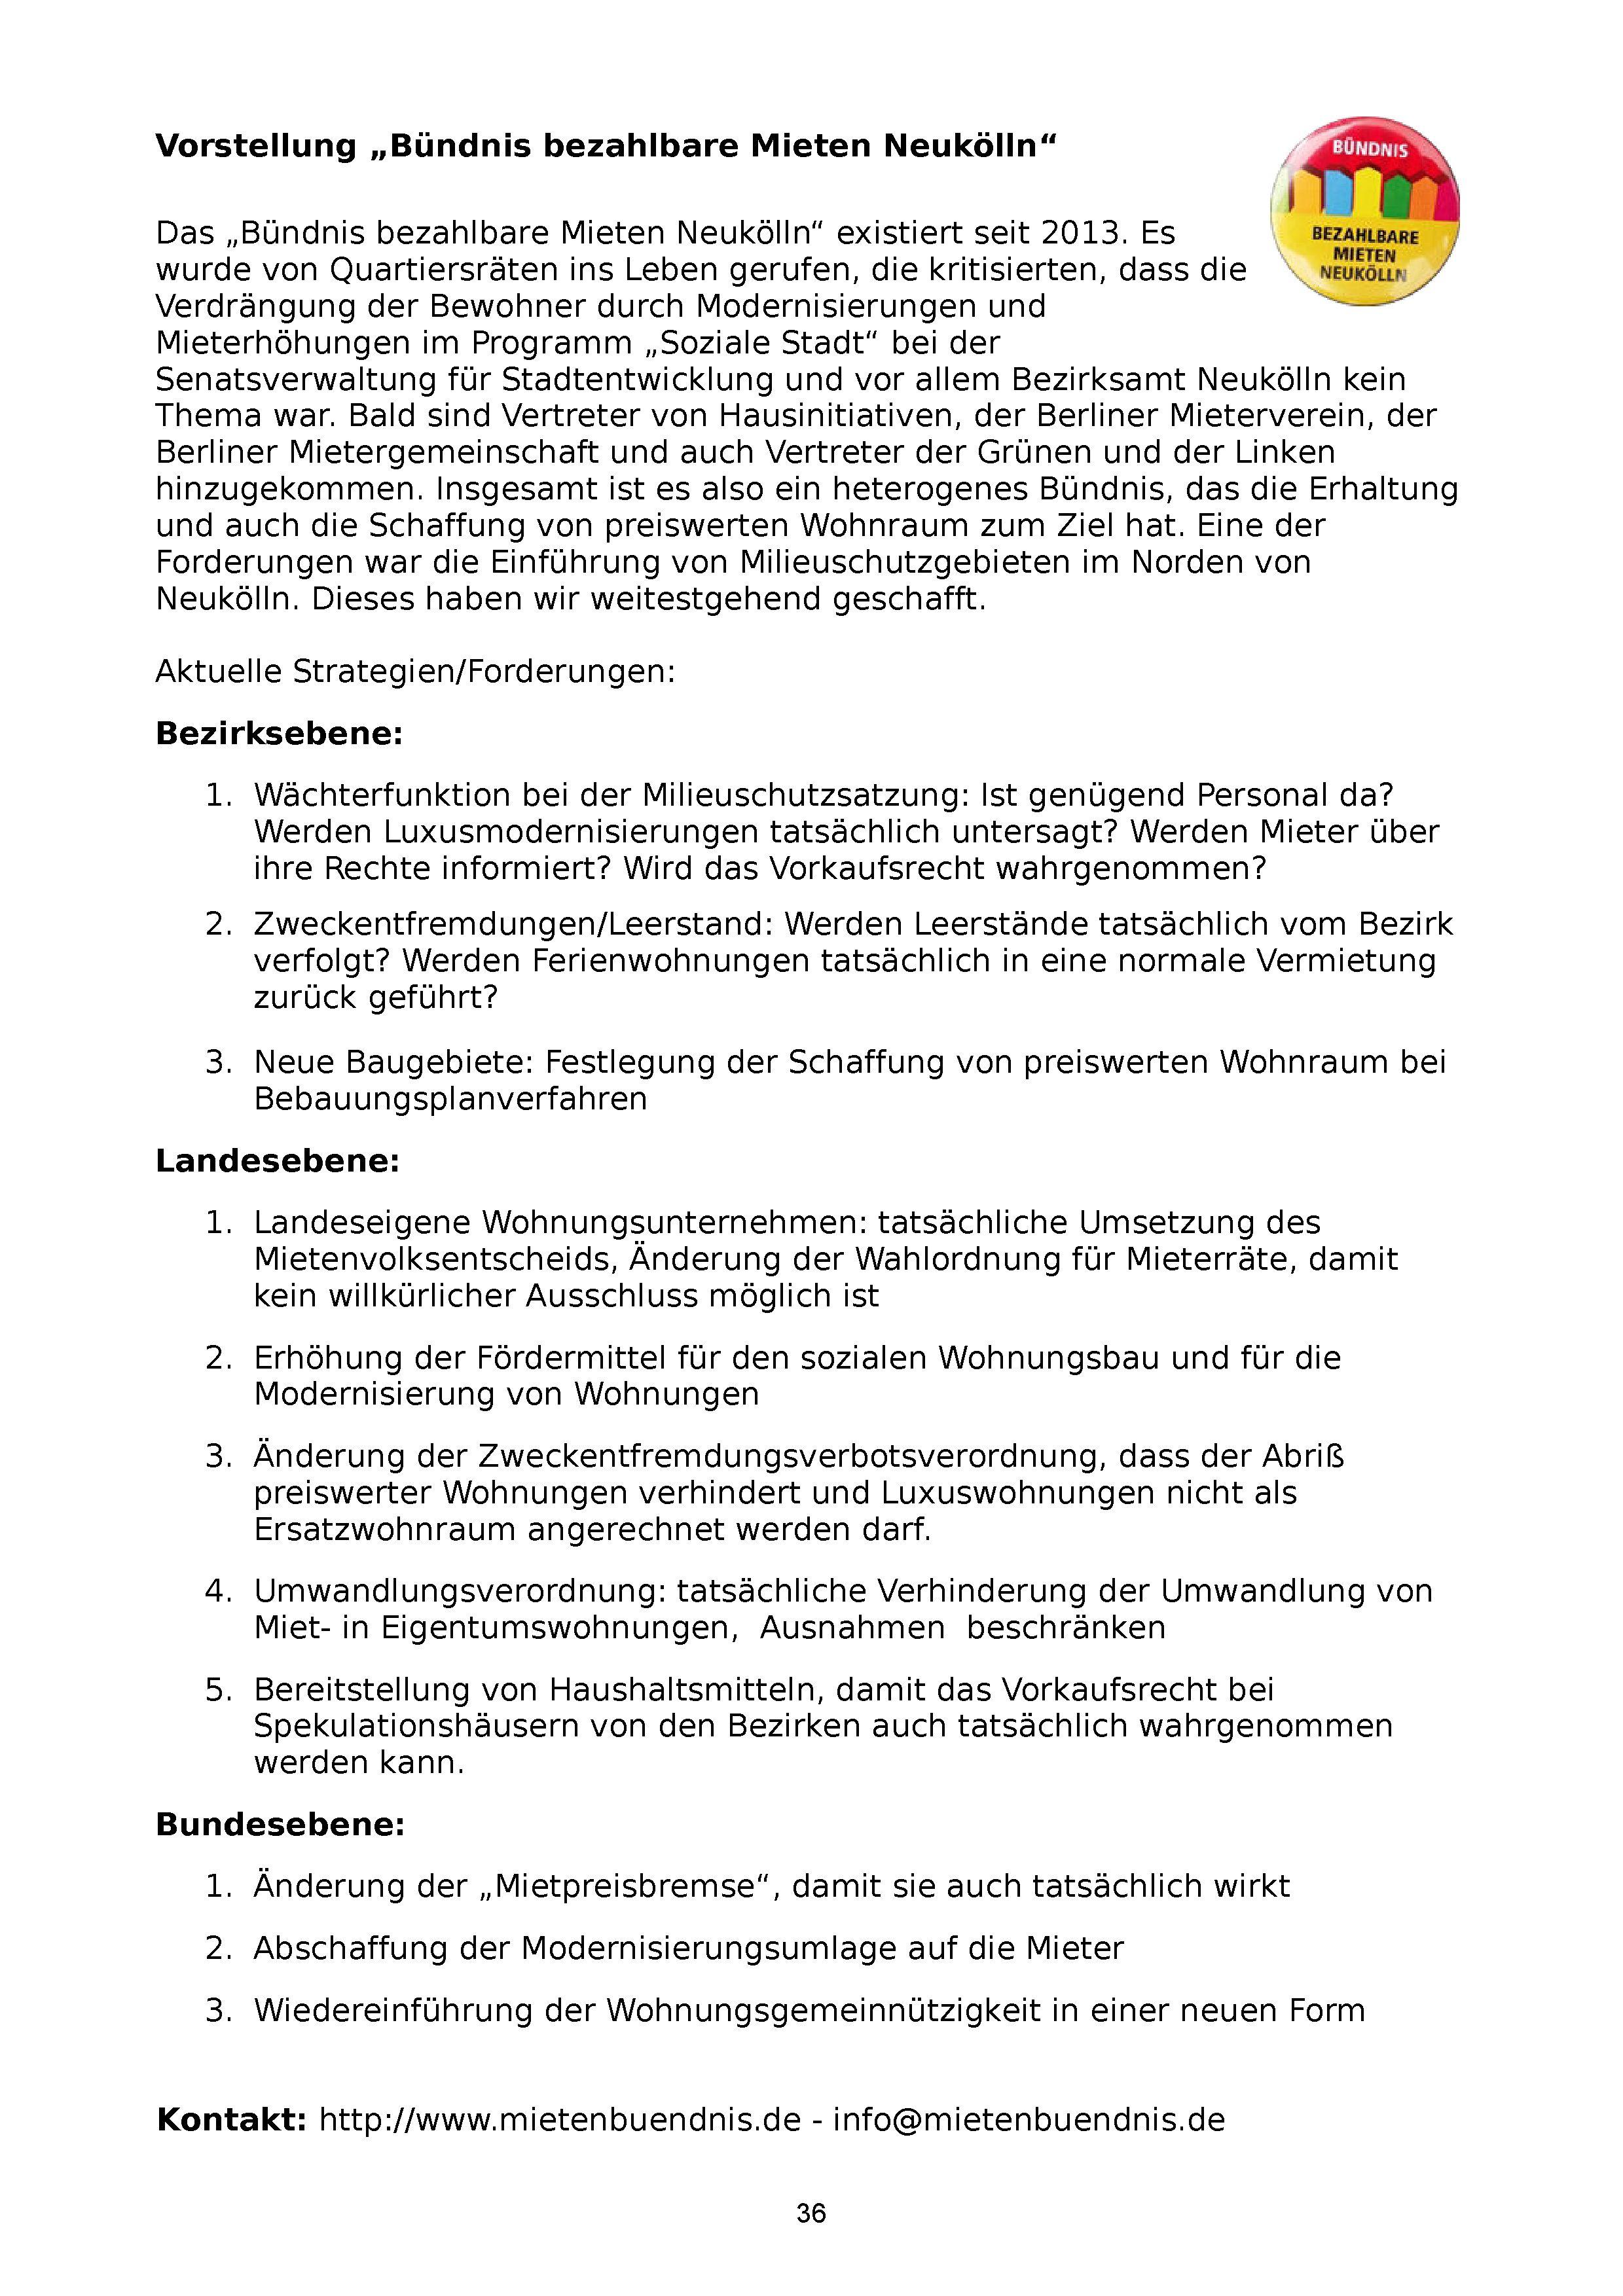 stadtpolitisches_hearing_021116_pressemappe_37